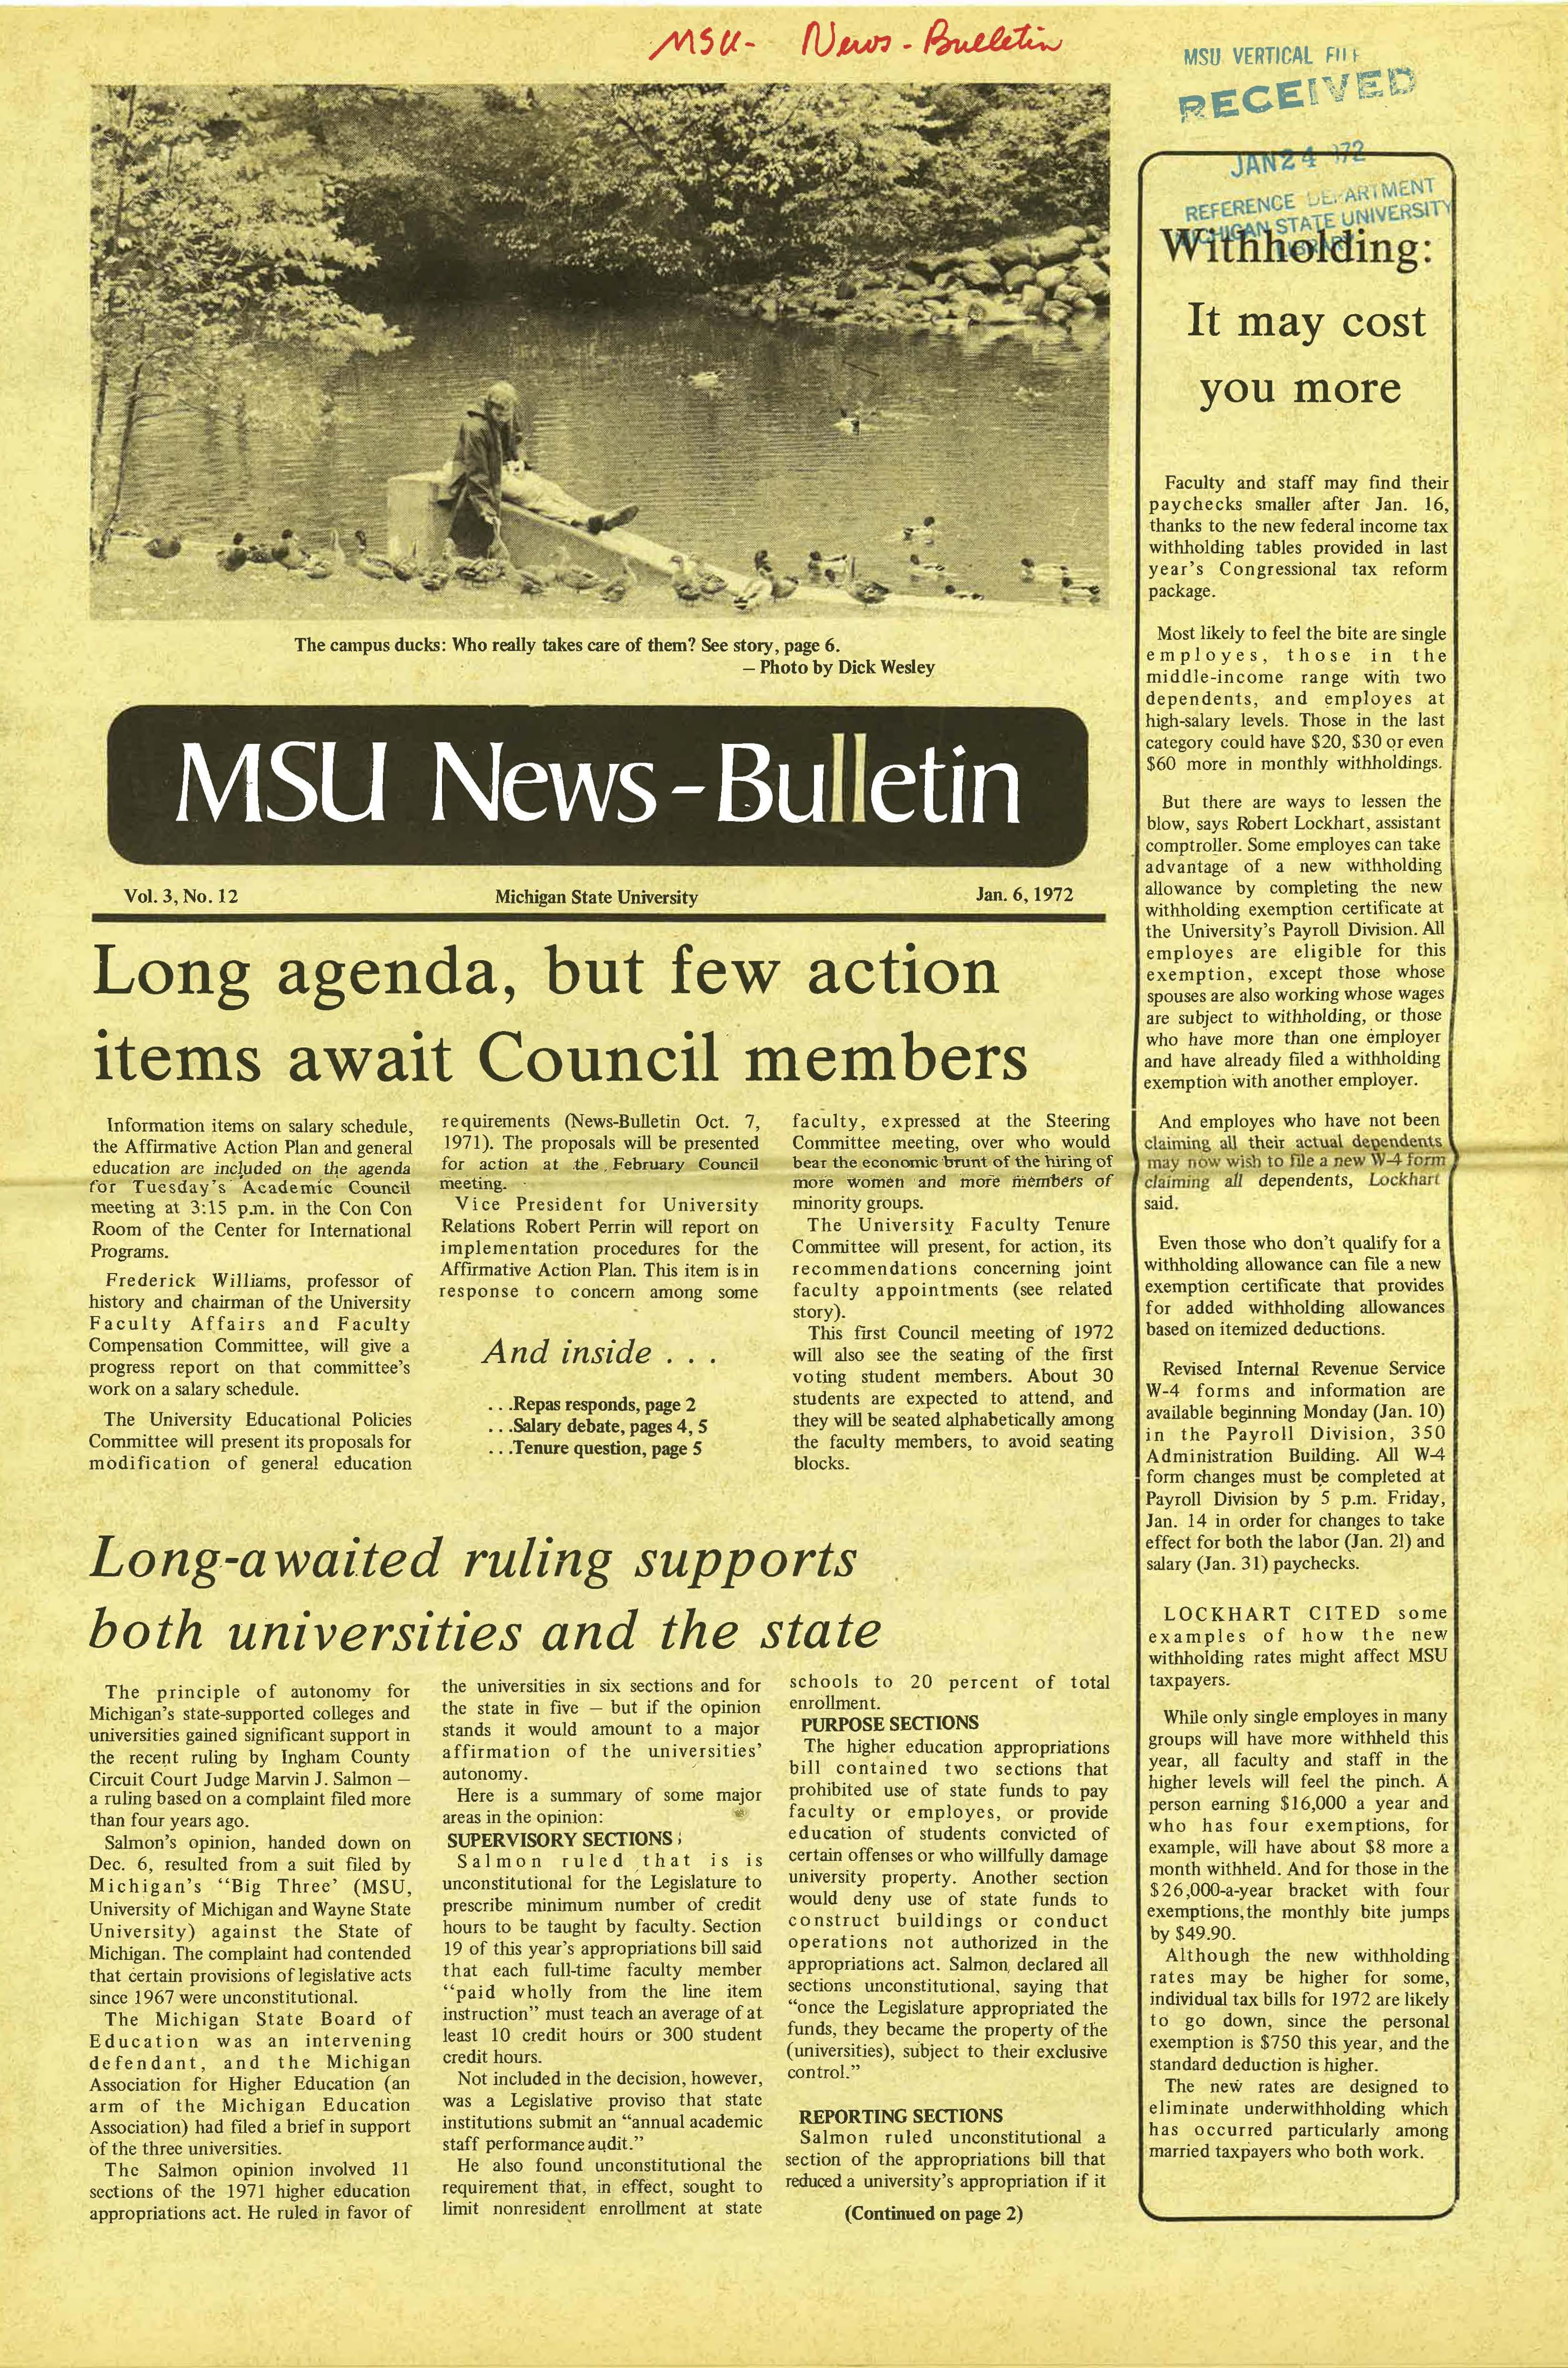 MSU News Bulletin, vol. 3, No. 27, May 4, 1972